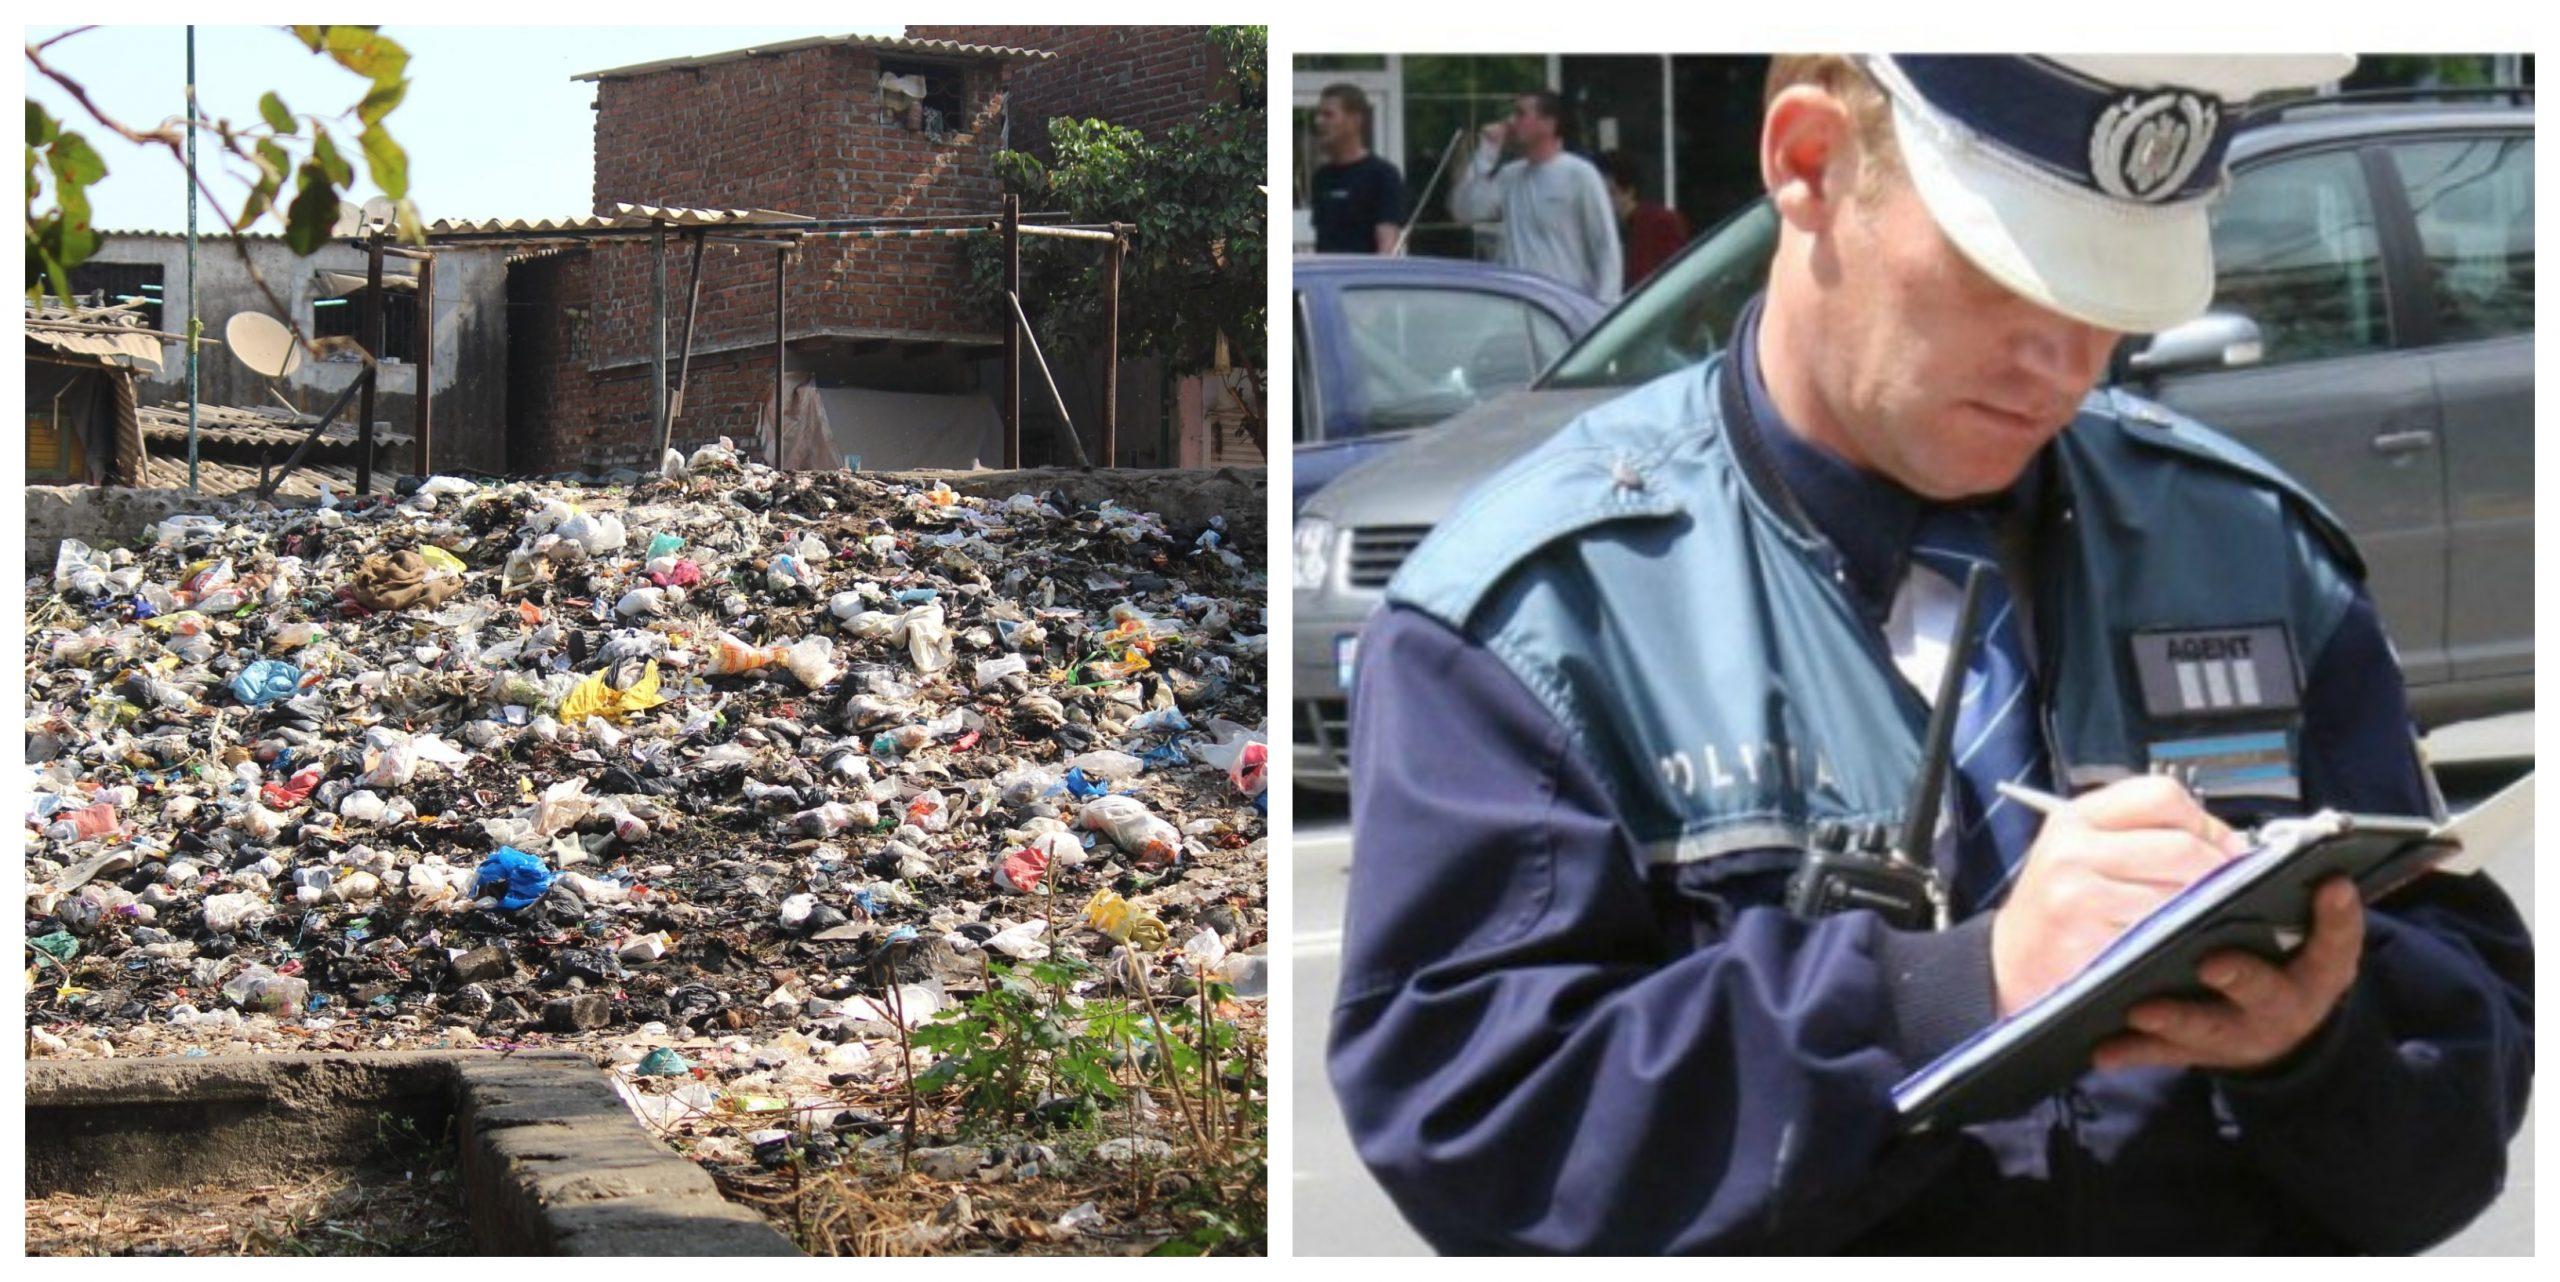 Ce se întâmplă dacă ai gunoaie în curte. S-a aprobat legea care le permite primăriilor să intre cu forța pe proprietatea ta